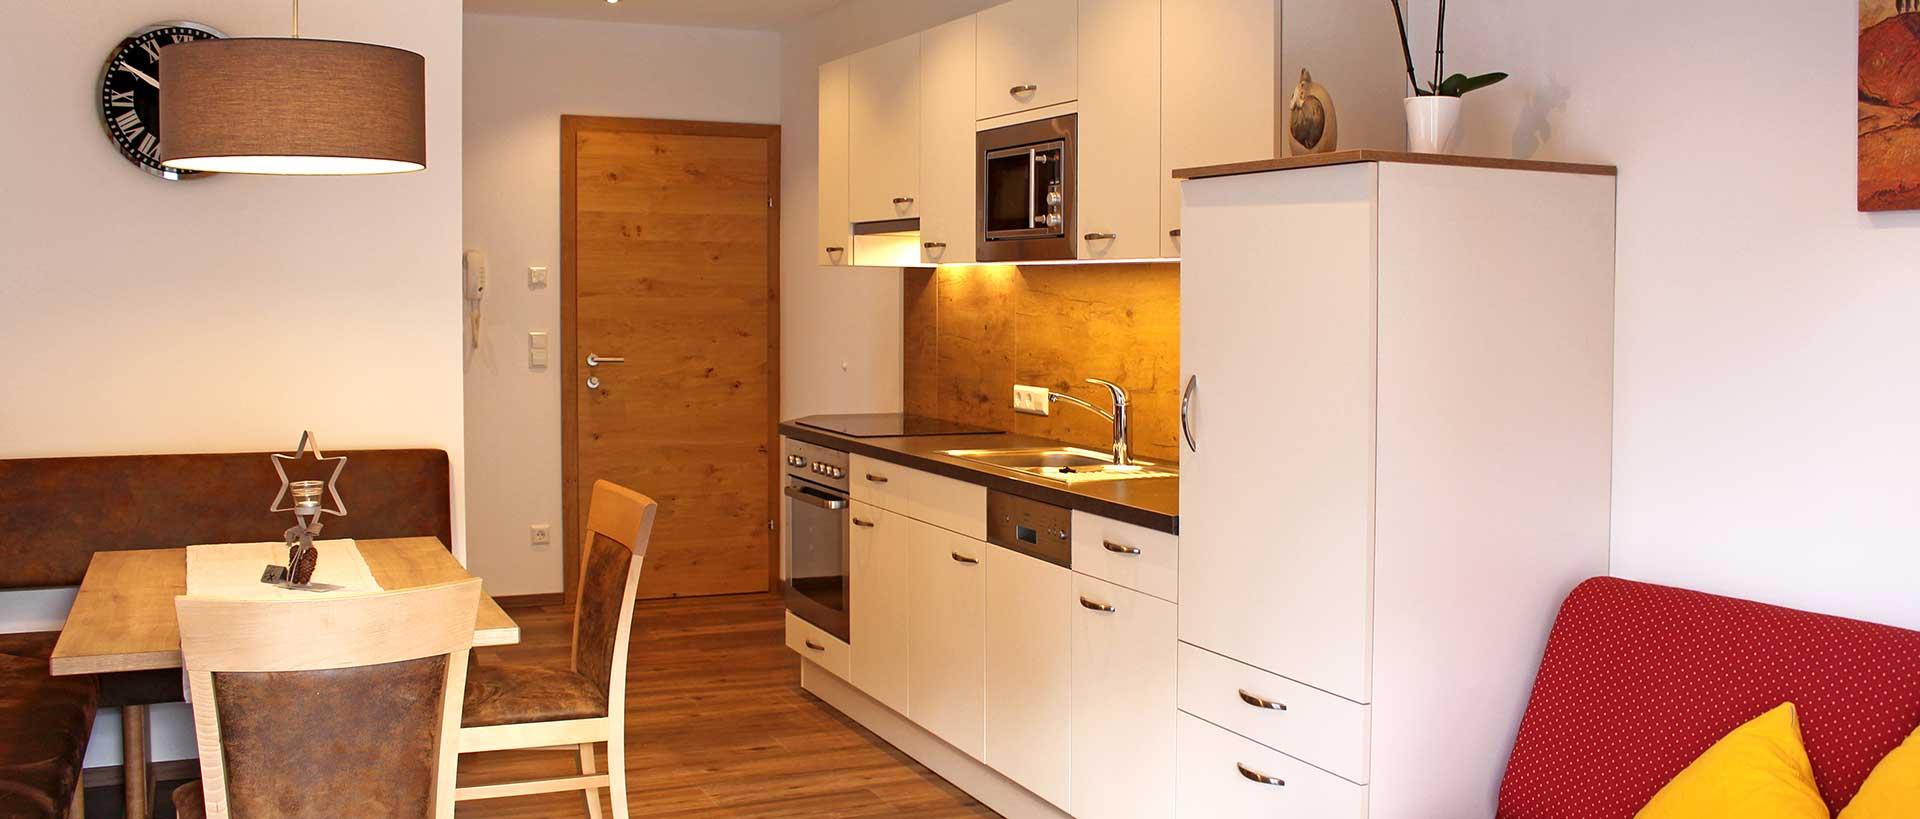 Apartments in Radstadt, Salzburg